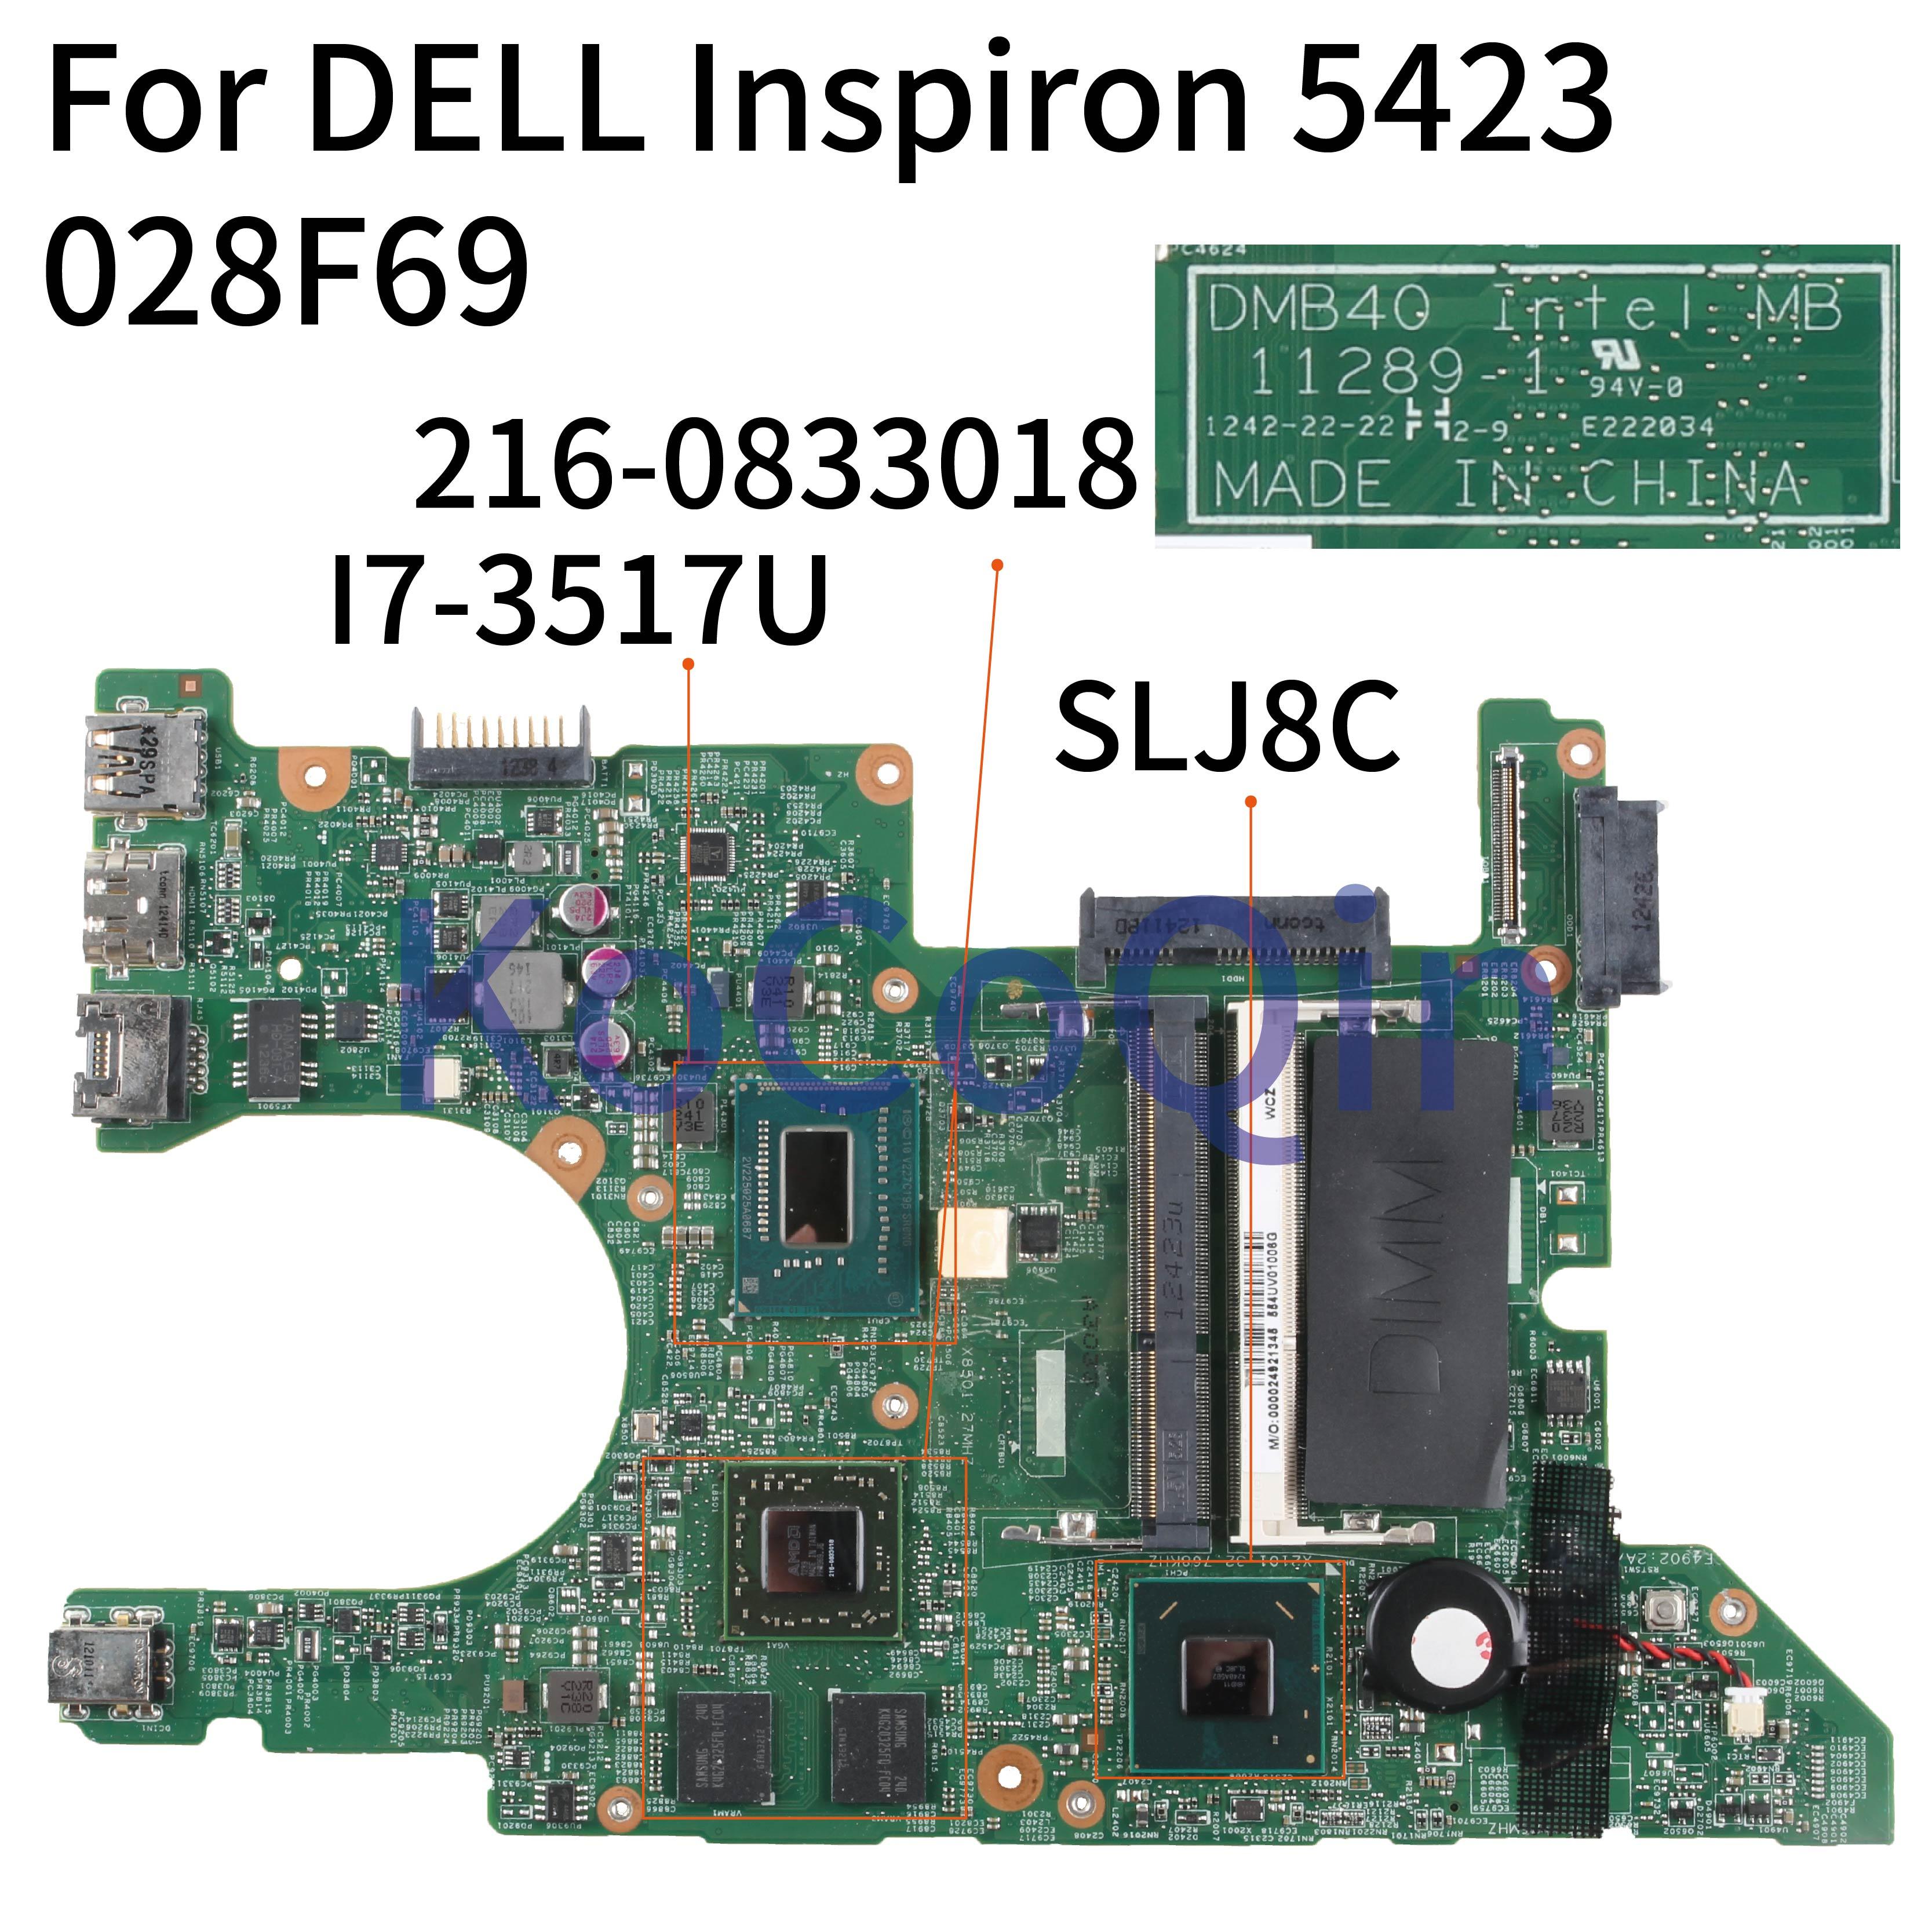 KoCoQin Laptop Motherboard For DELL Inspiron 14Z 5423 I7-3517U Mainboard CN-028F69 028F69 11289-1 SR0N6 216-0833018 SLJ8C